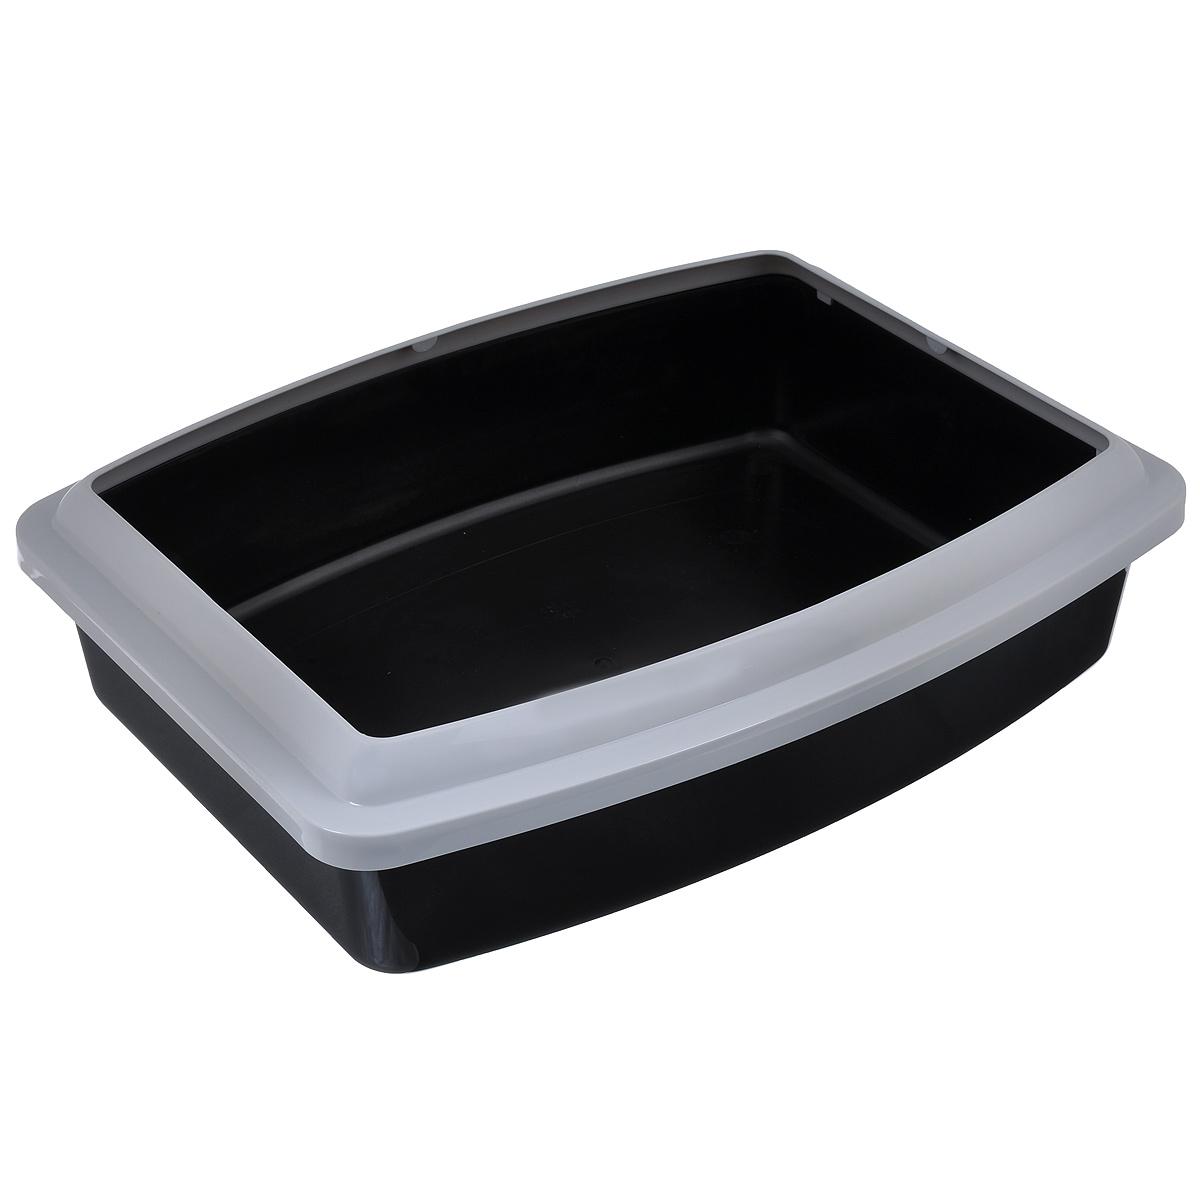 Туалет для кошек Savic  Oval Trays Jumbo , с бортом, цвет: черный, серый, 56 х 44 см